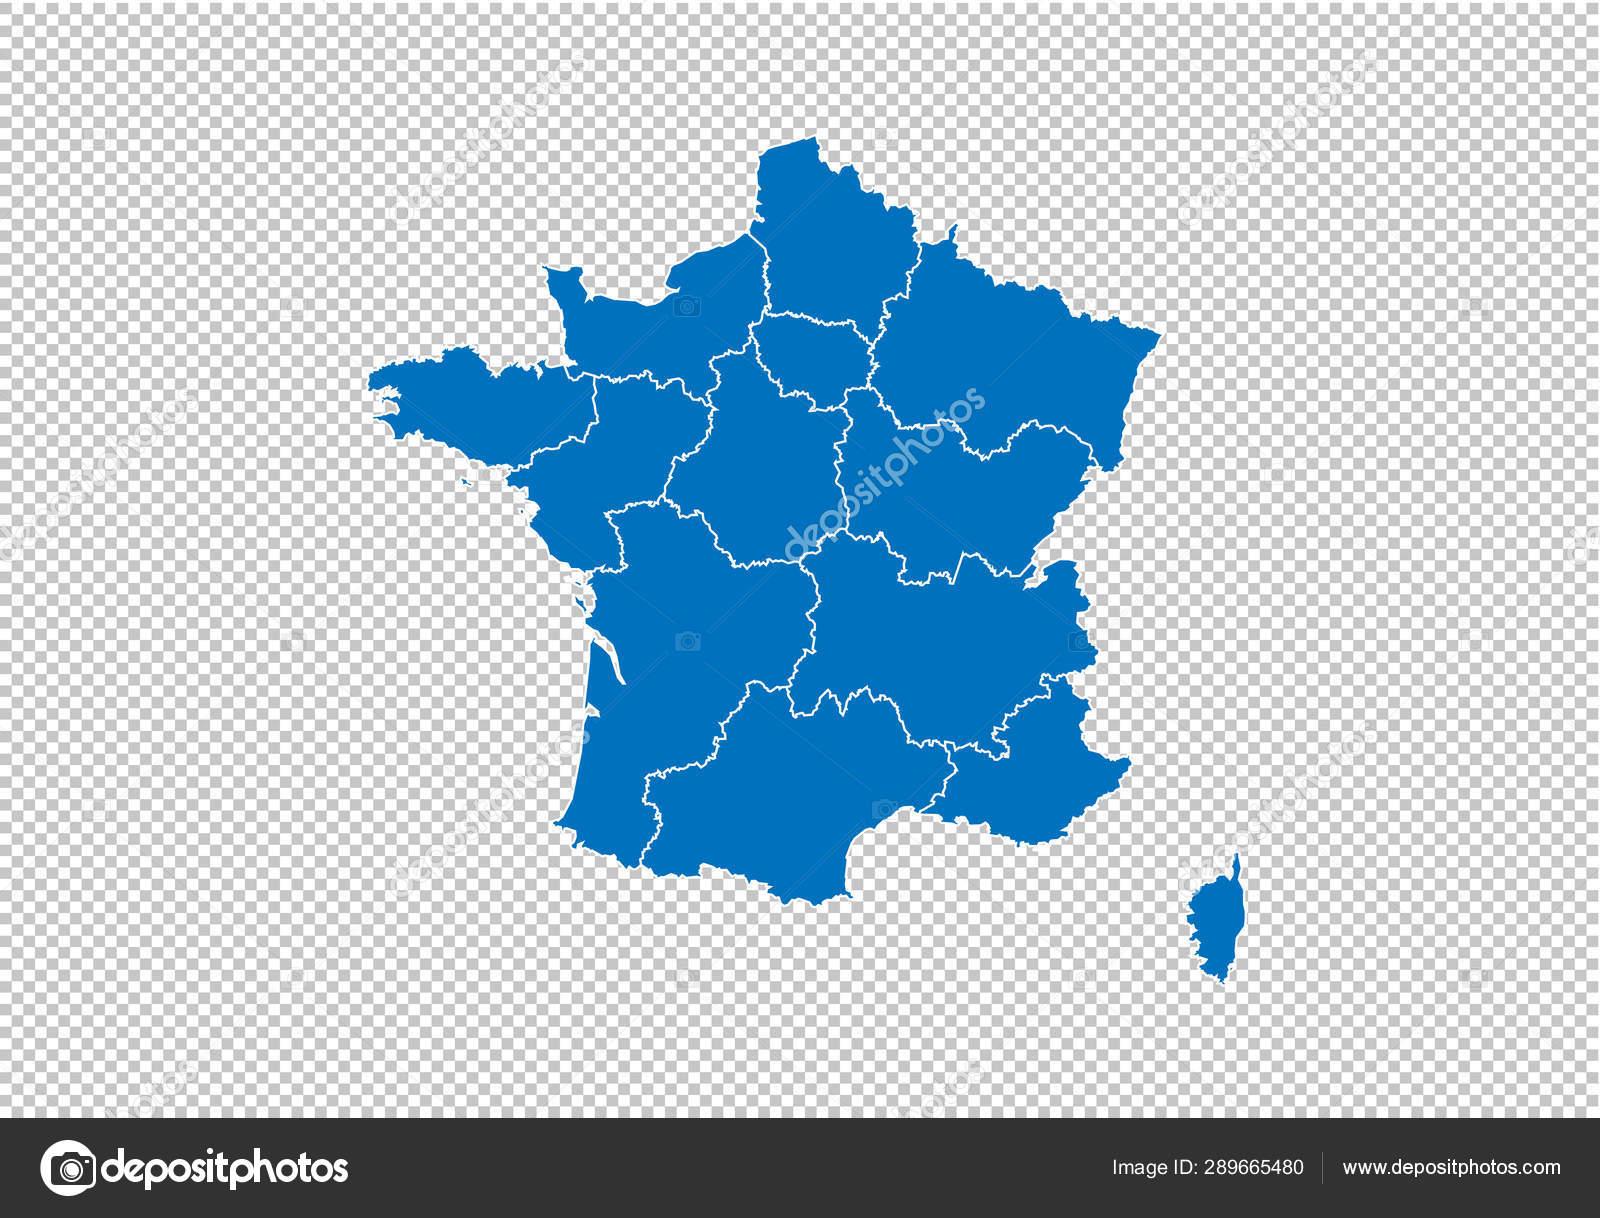 France map - Hohe detaillierte blaue Karte mit Landkreisen ...